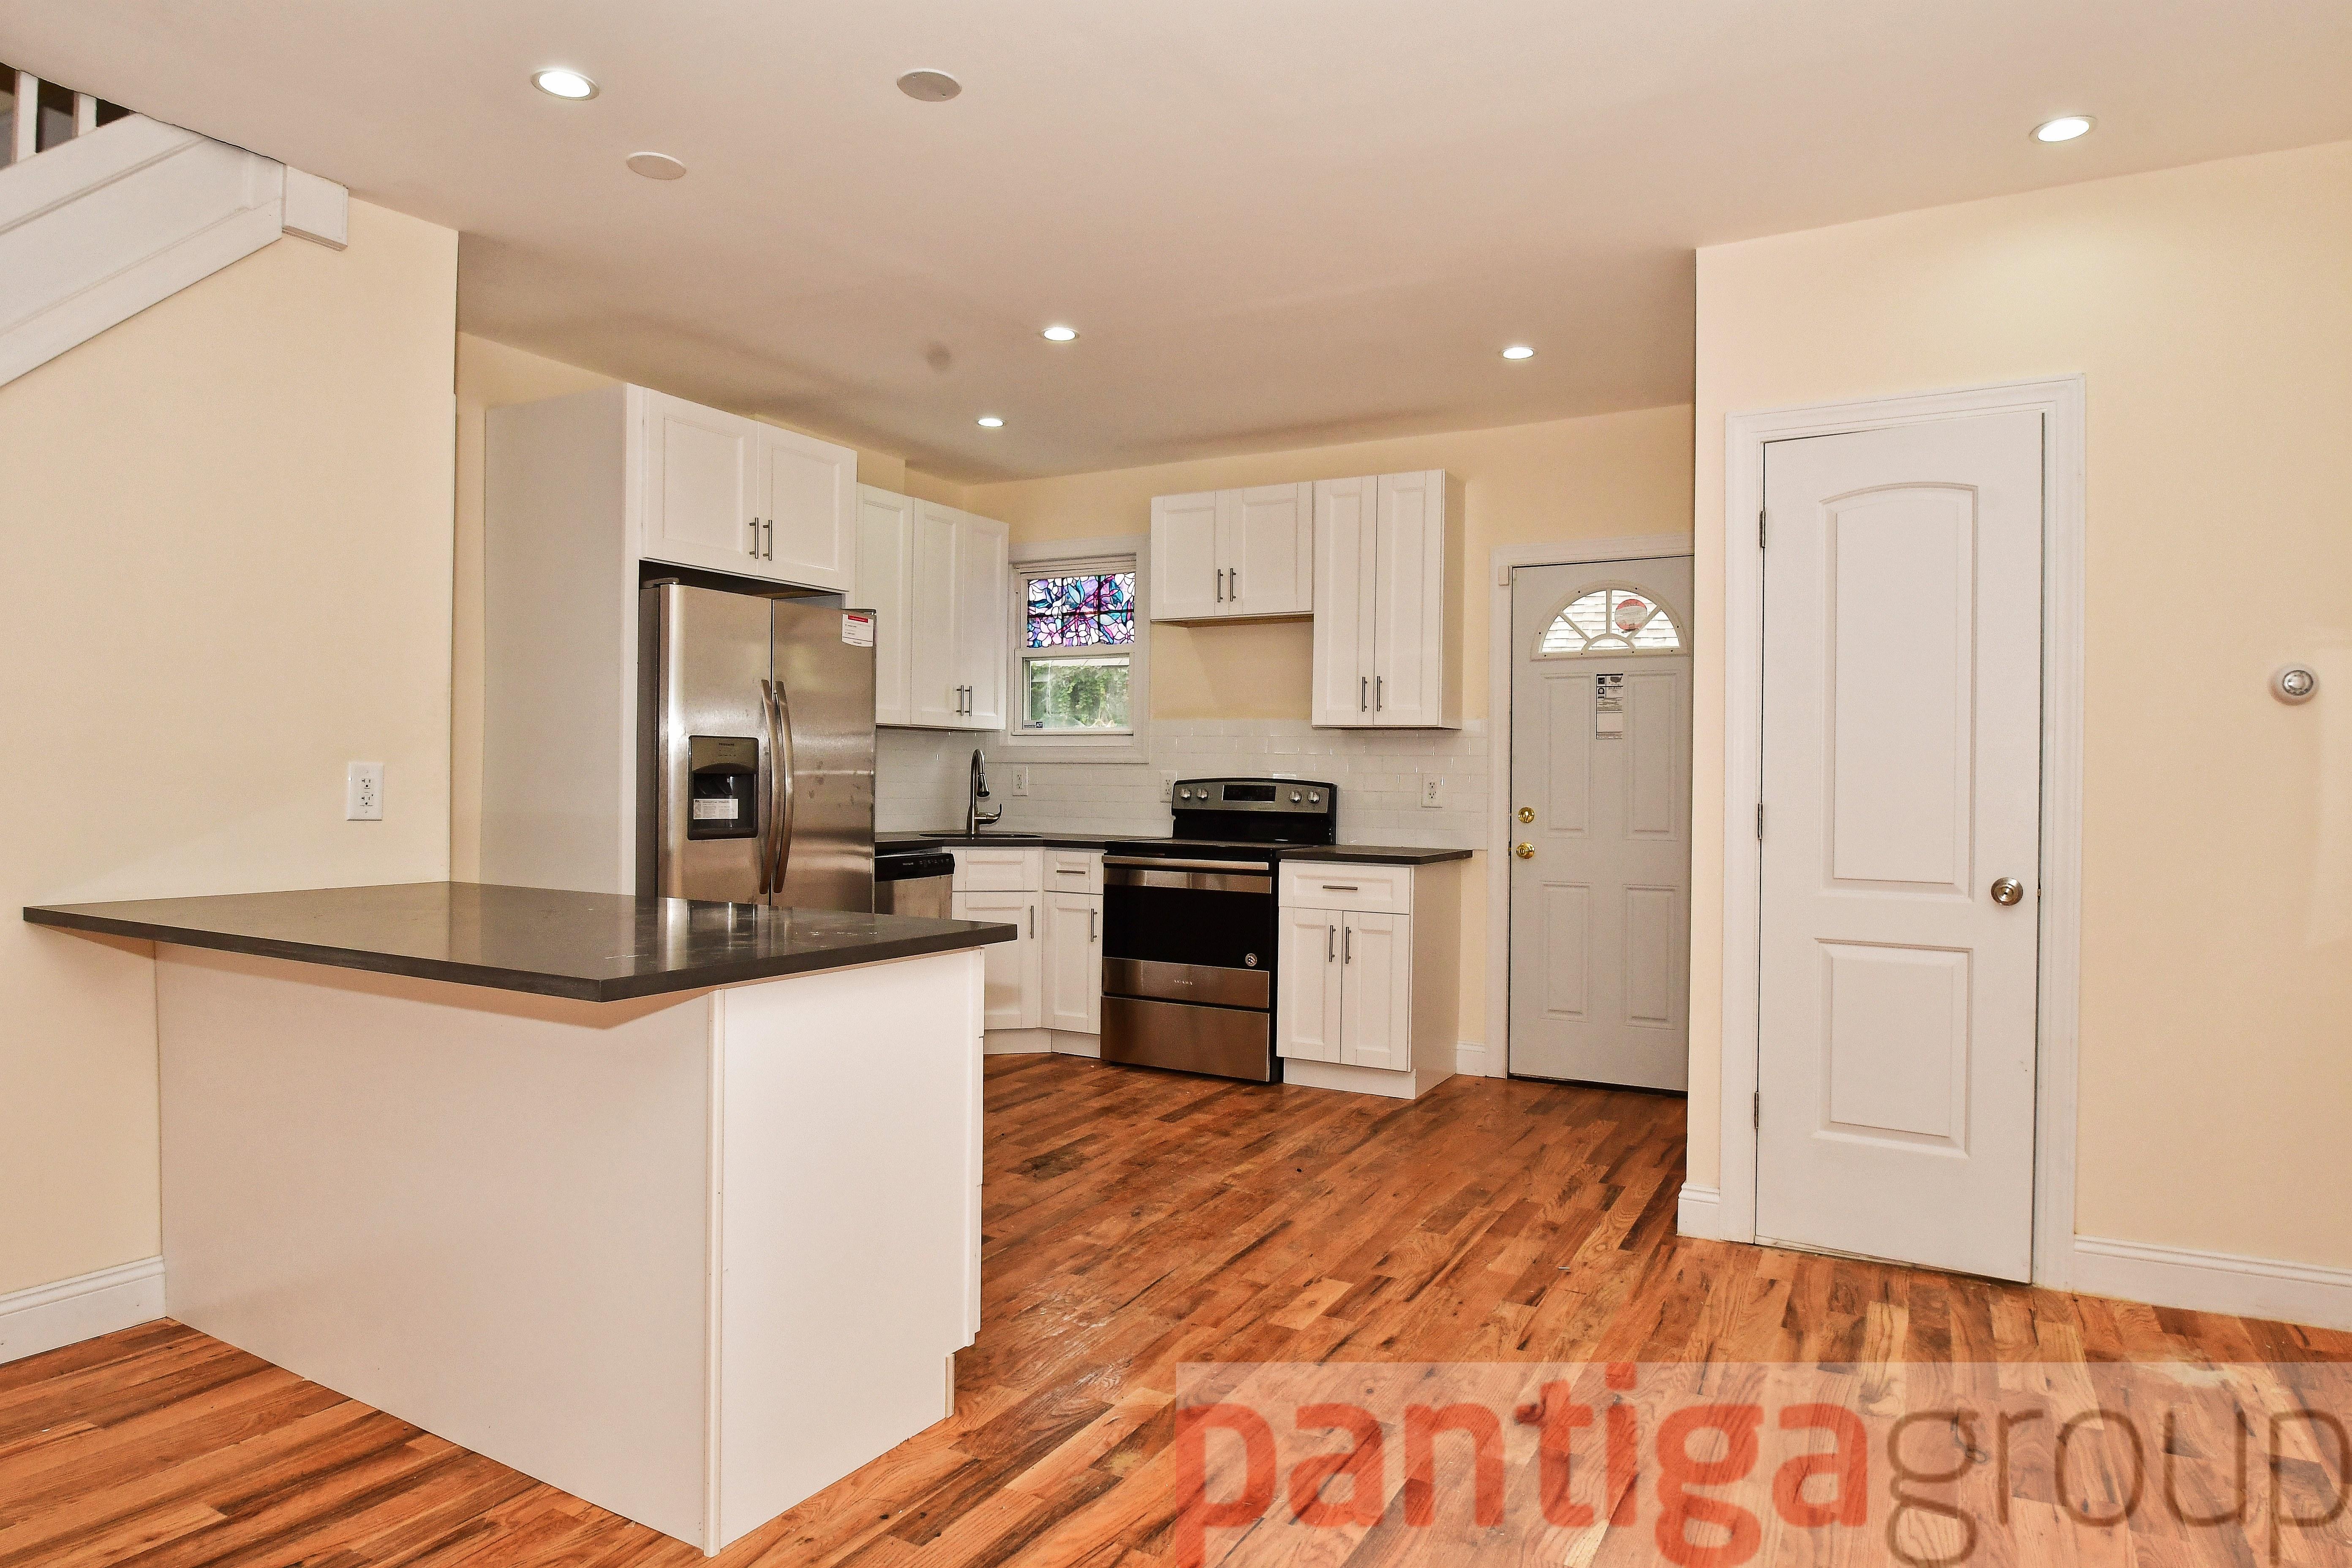 Kitchen cabinets in the bronx ny - 1124 Underhill Ave Bronx Ny 10472